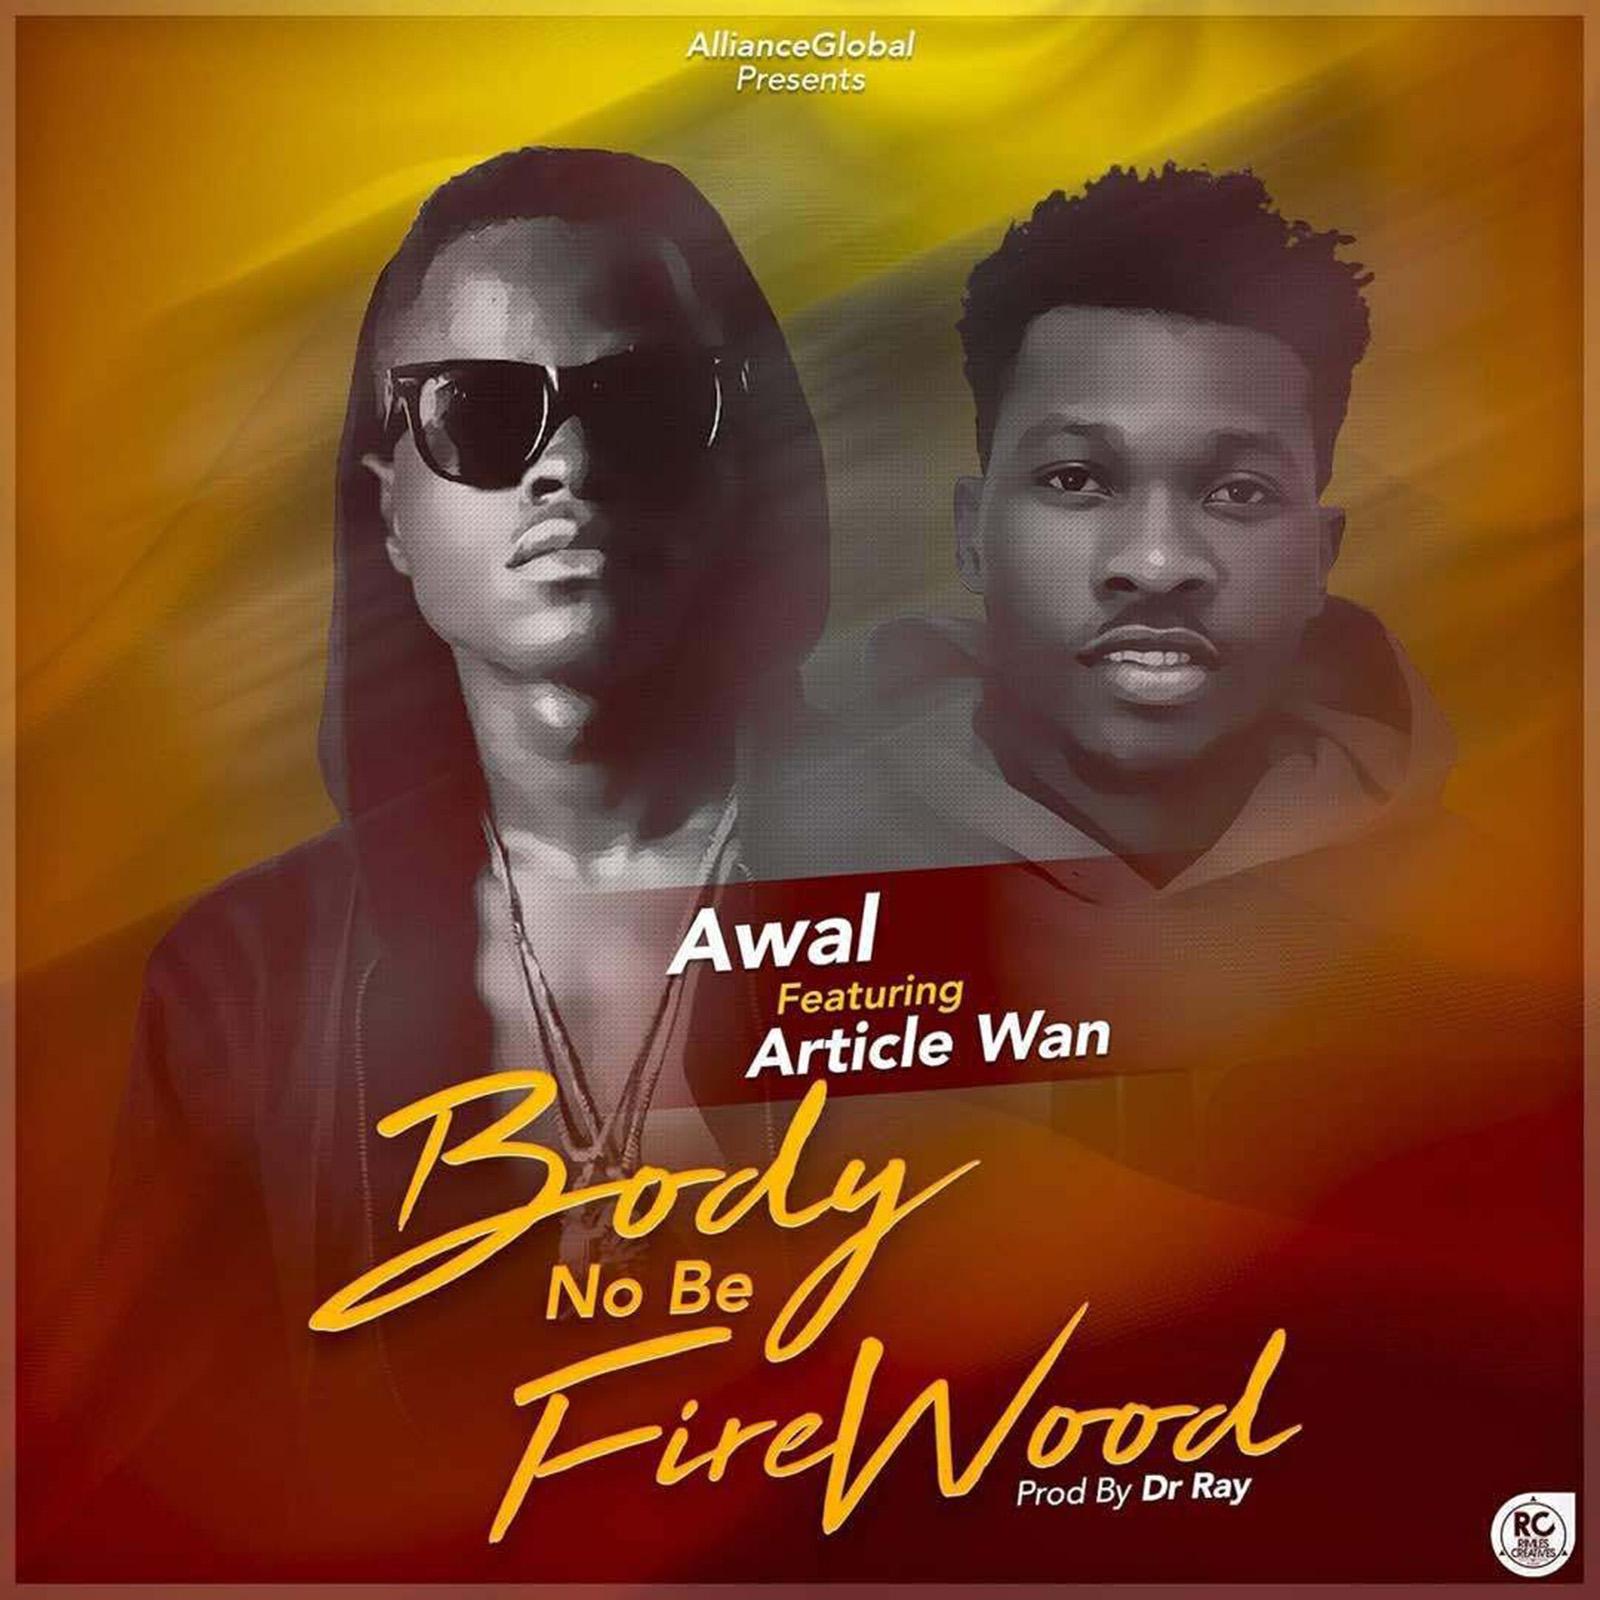 Body No Be Faya Wood by Awal feat. Article Wan